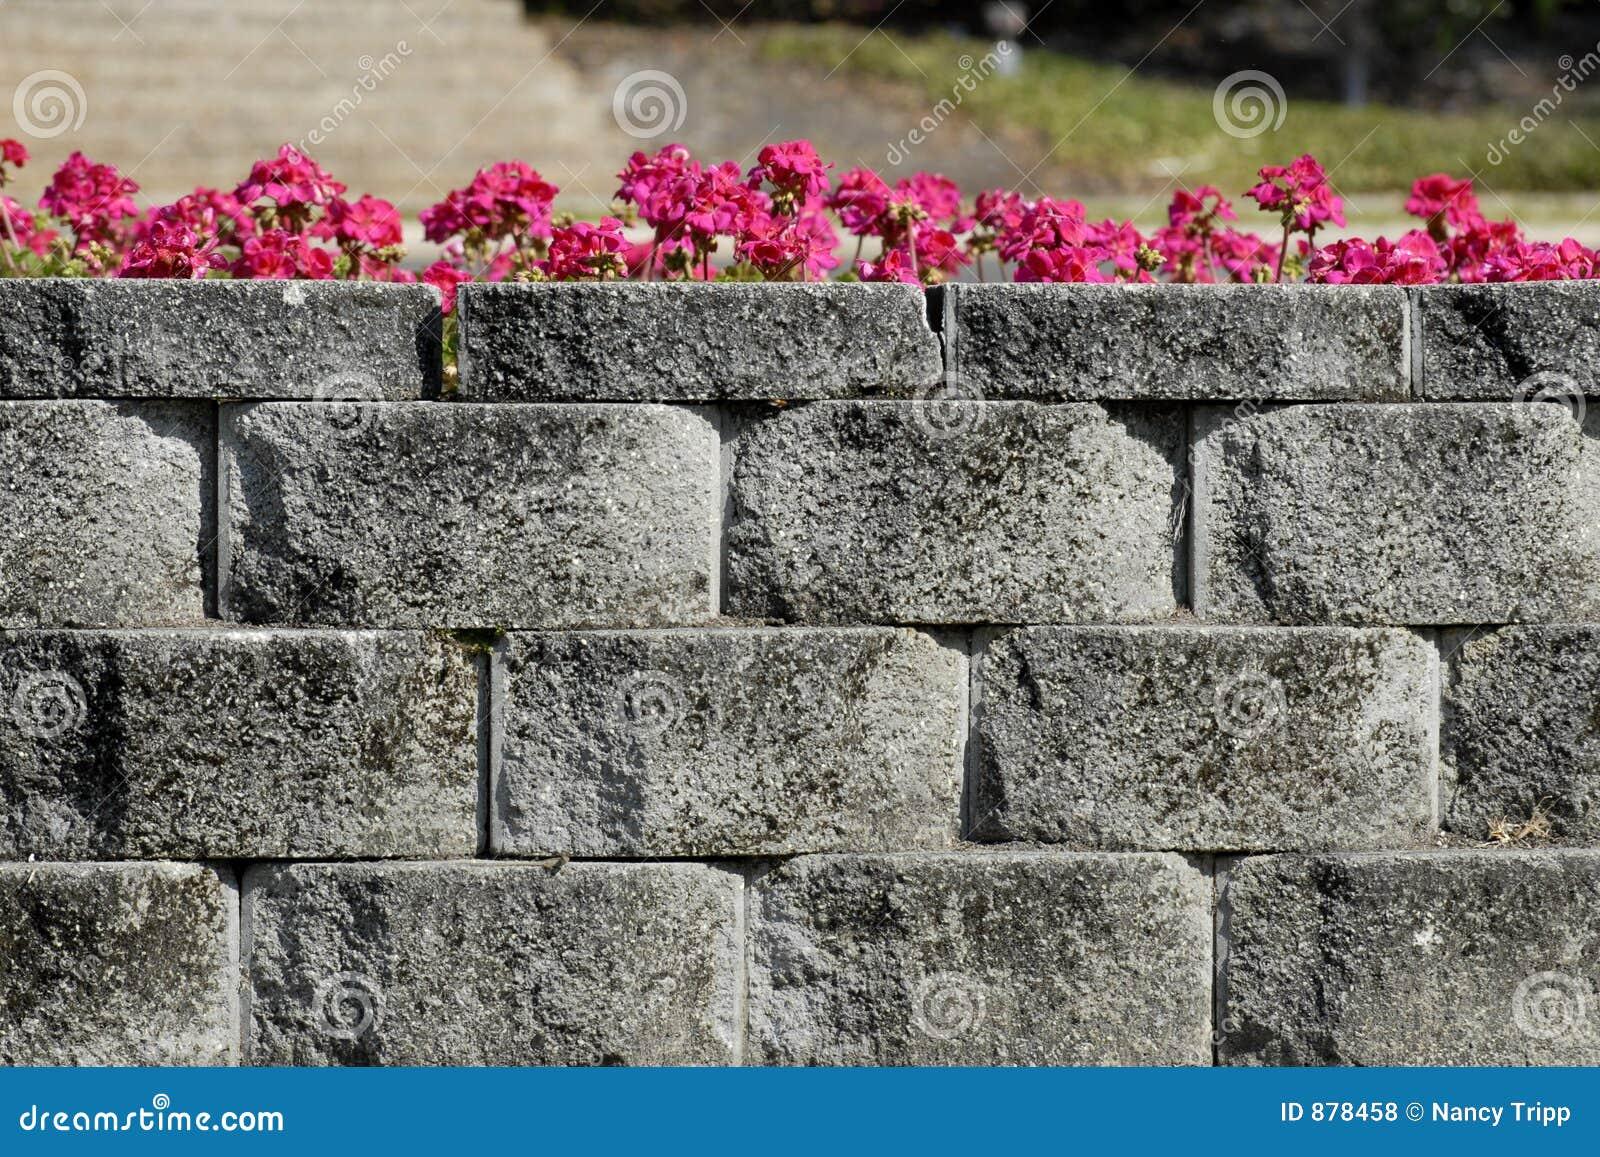 Graue steinwand stockfoto bild von hintergrund muster 878458 - Graue steinwand ...